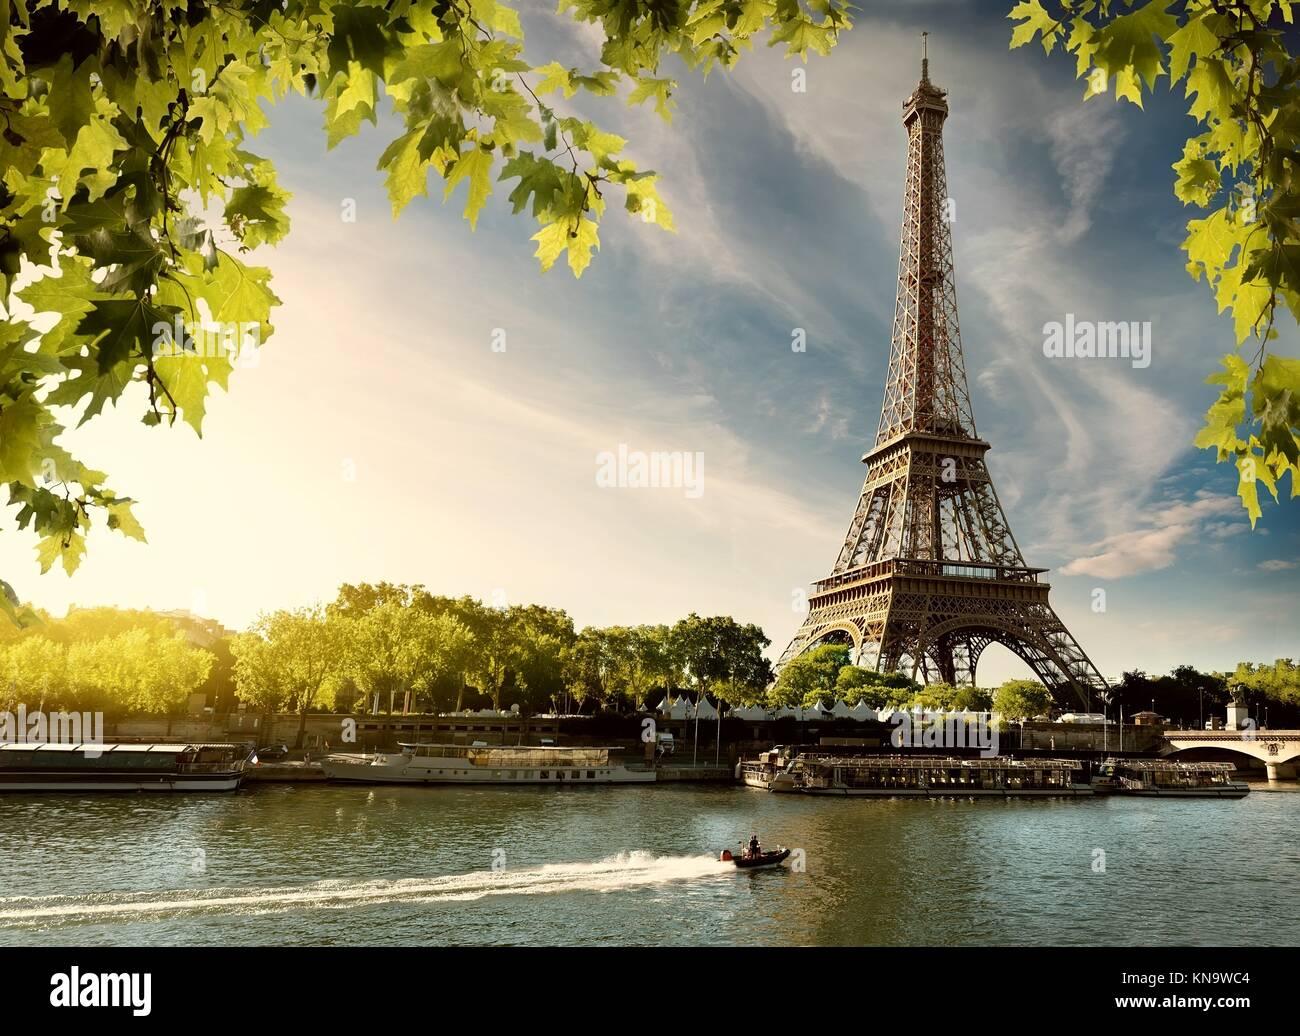 Atardecer en París, con vistas a la Torre Eiffel y el río Sena, Francia. Imagen De Stock